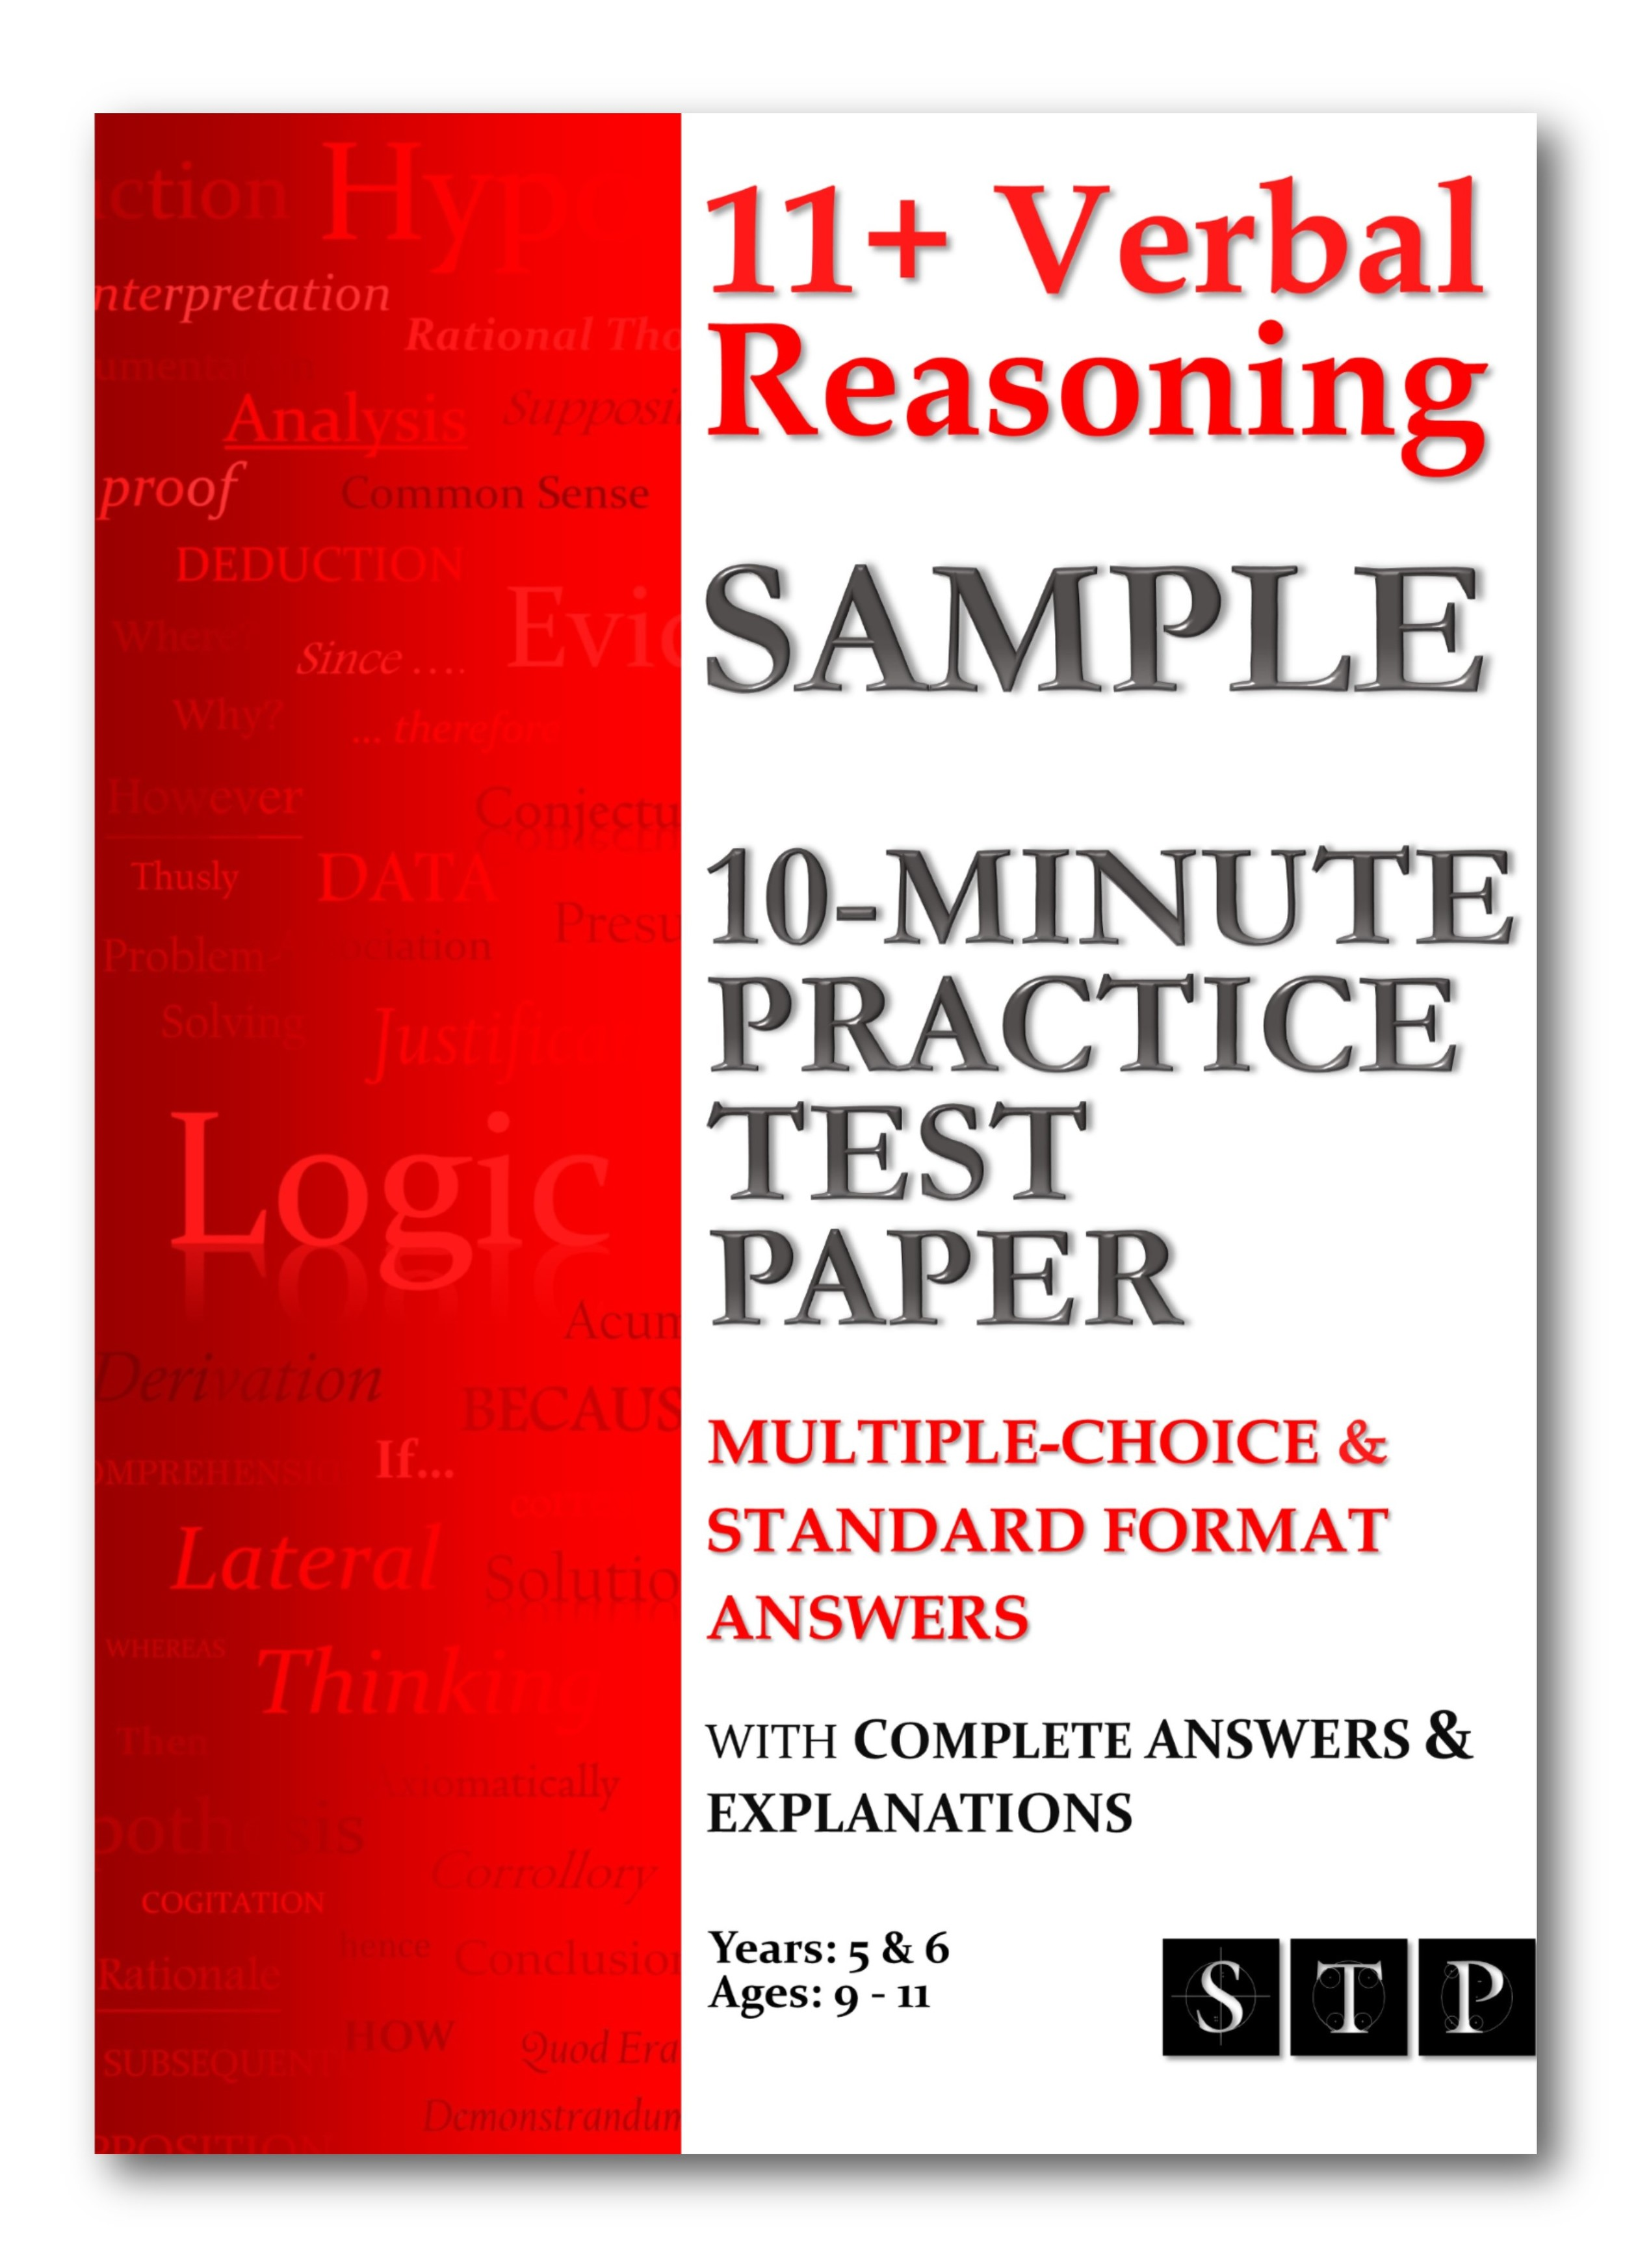 11+ Verbal Reasoning Sample 10-Minute Practice Test Paper